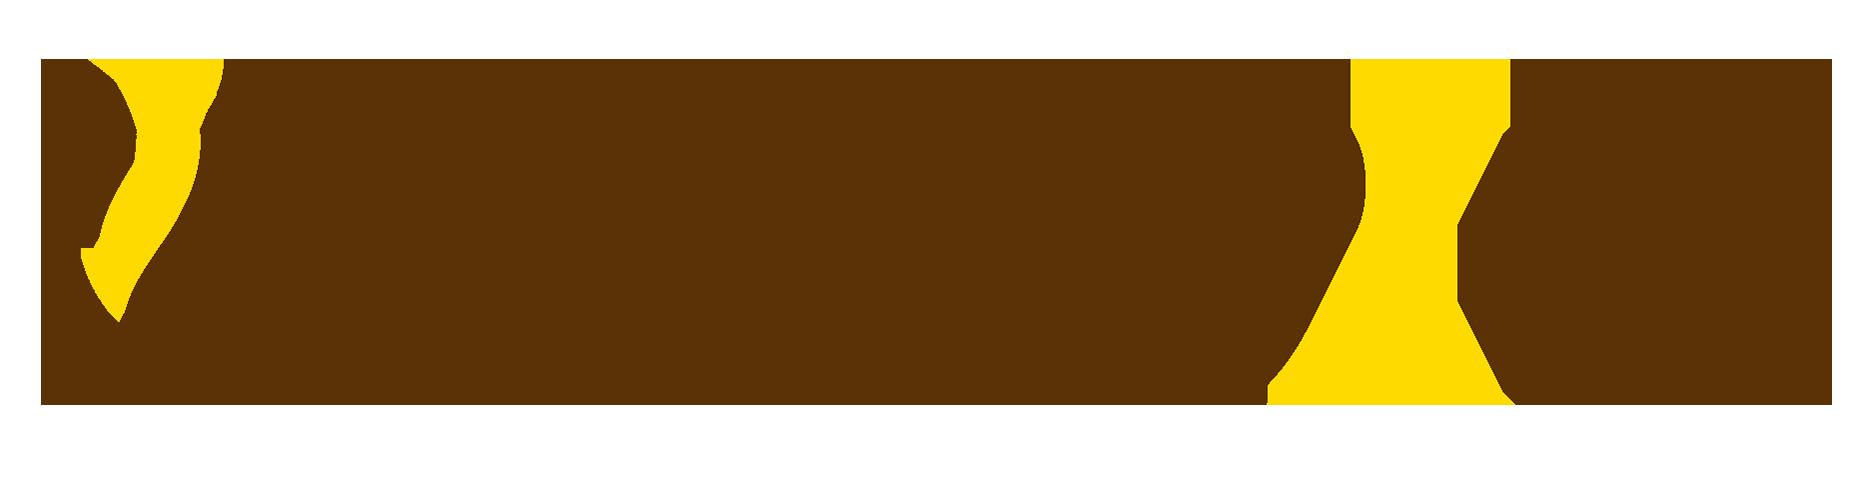 Valparaiso University Library